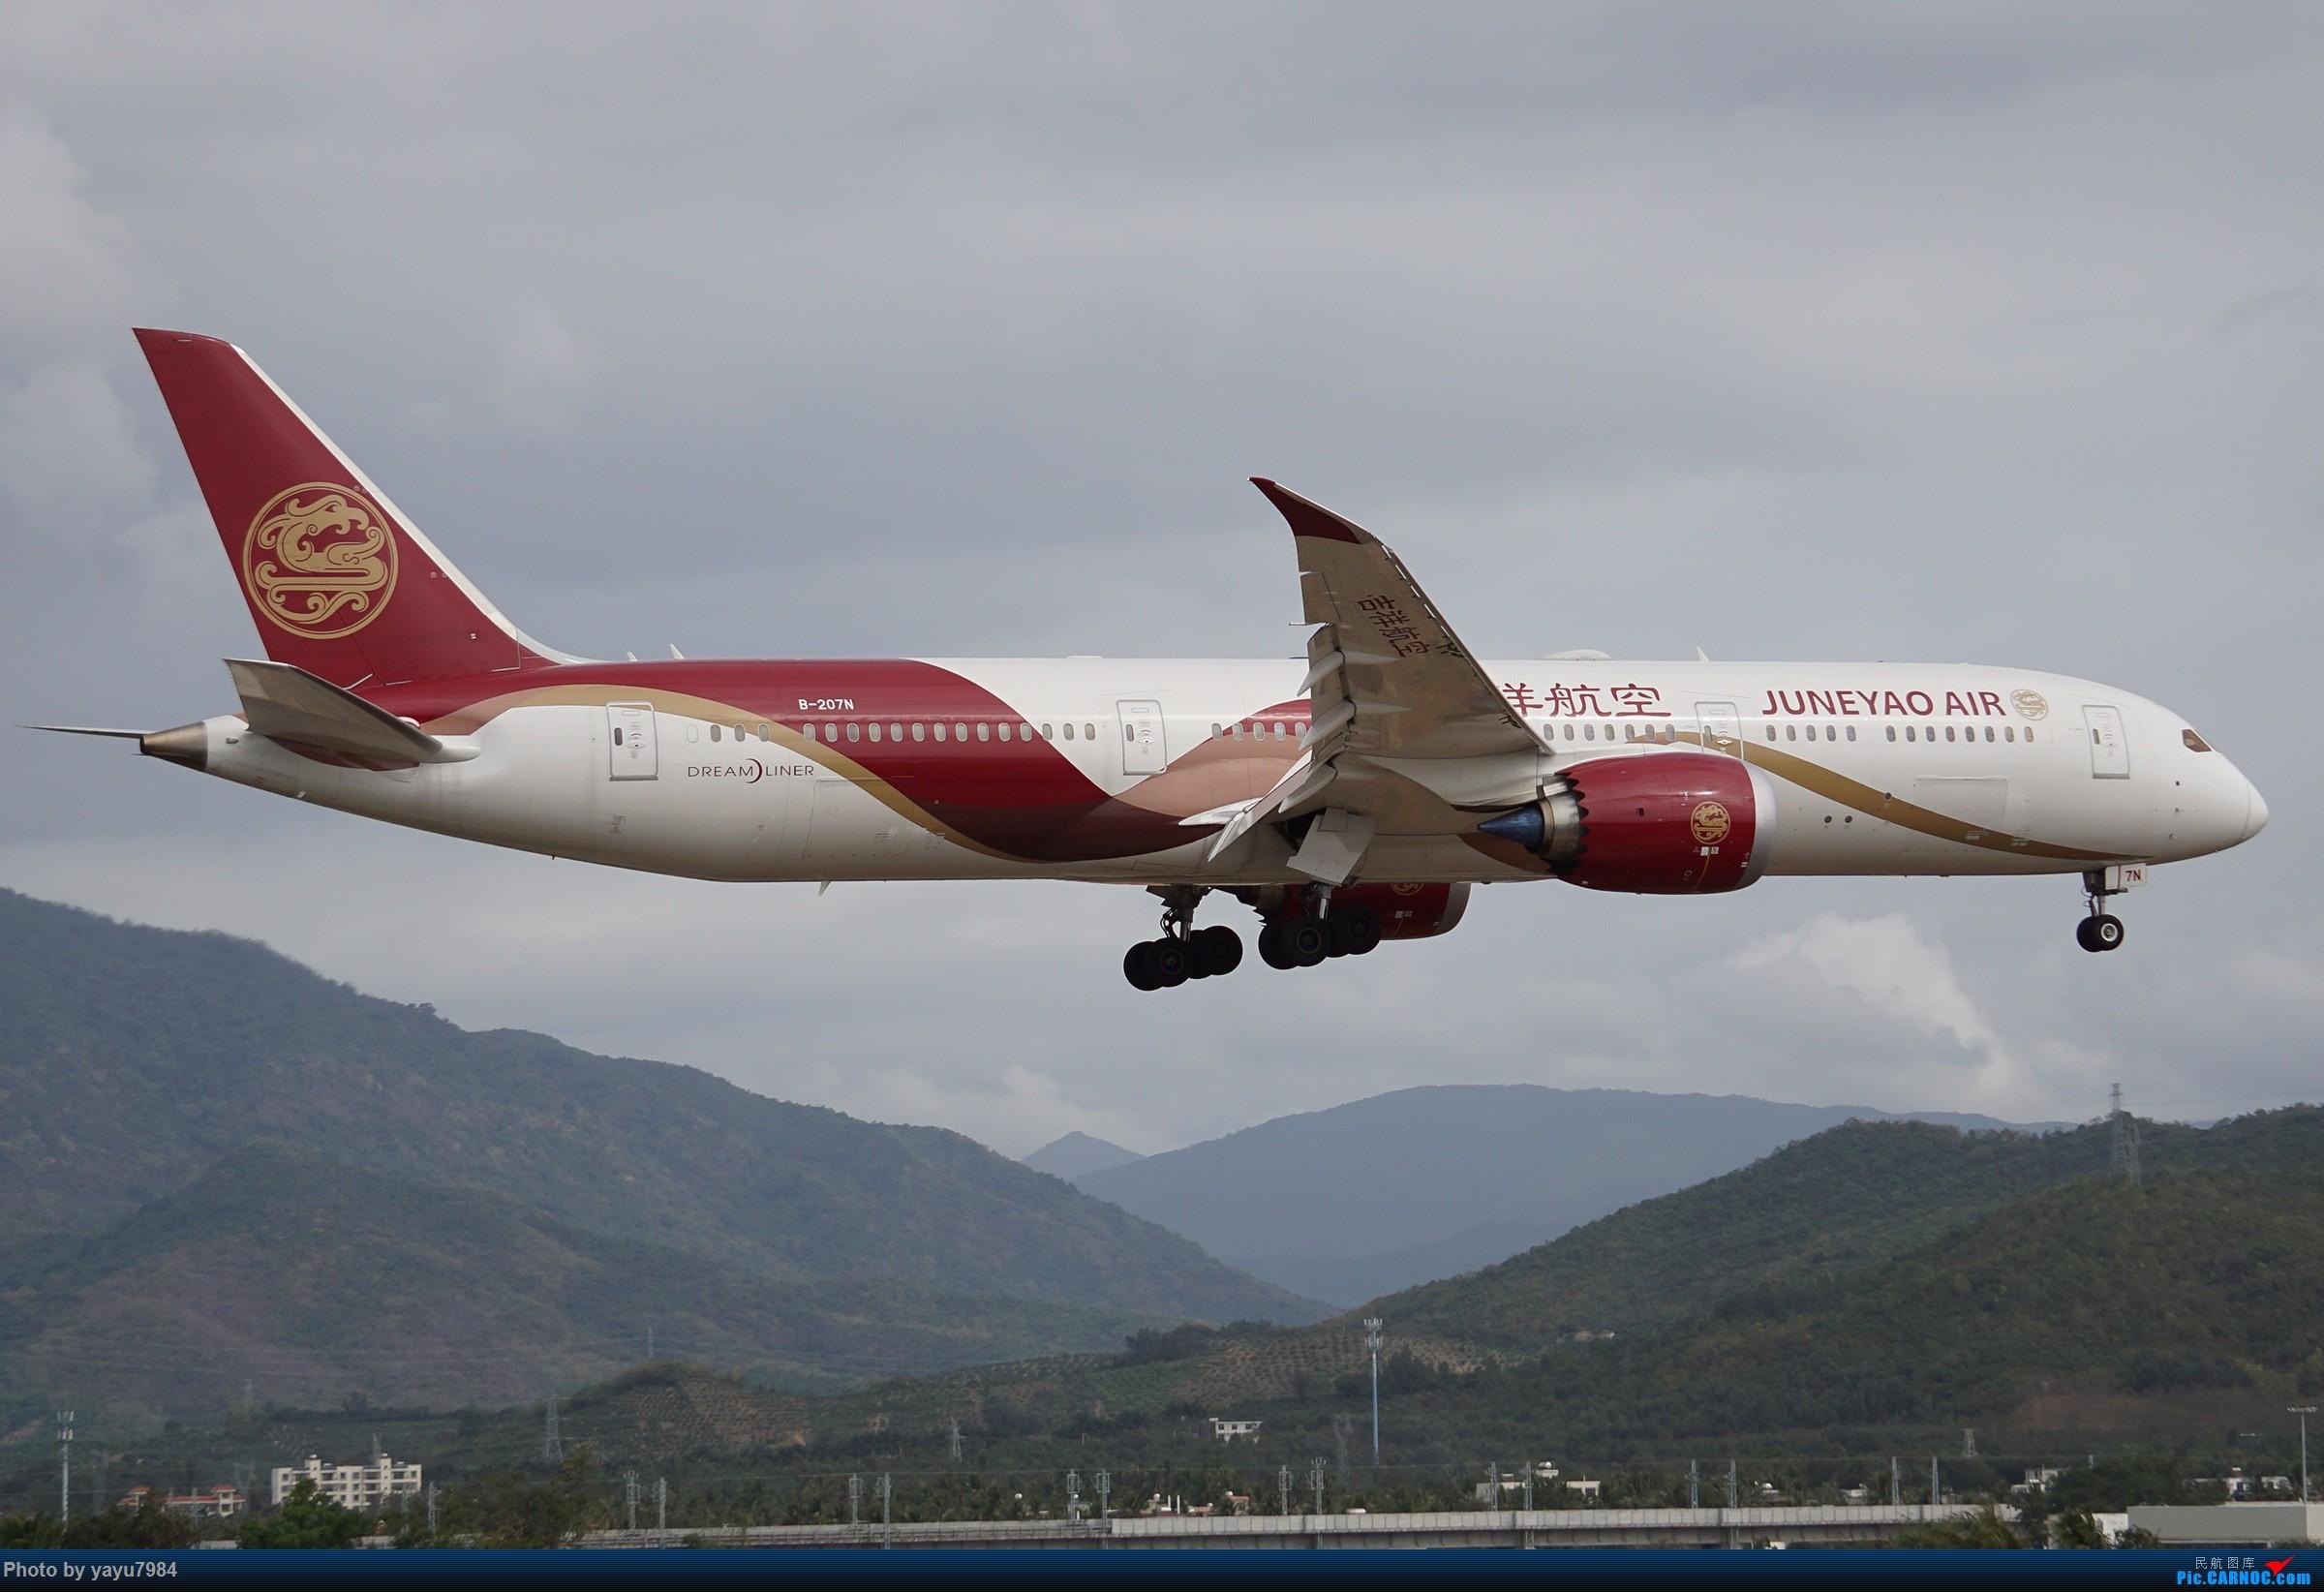 Re:[原创][SYX] 回国首拍,春运高峰时段的三亚凤凰国际机场 BOEING 787-9 B-207N 中国三亚凤凰国际机场